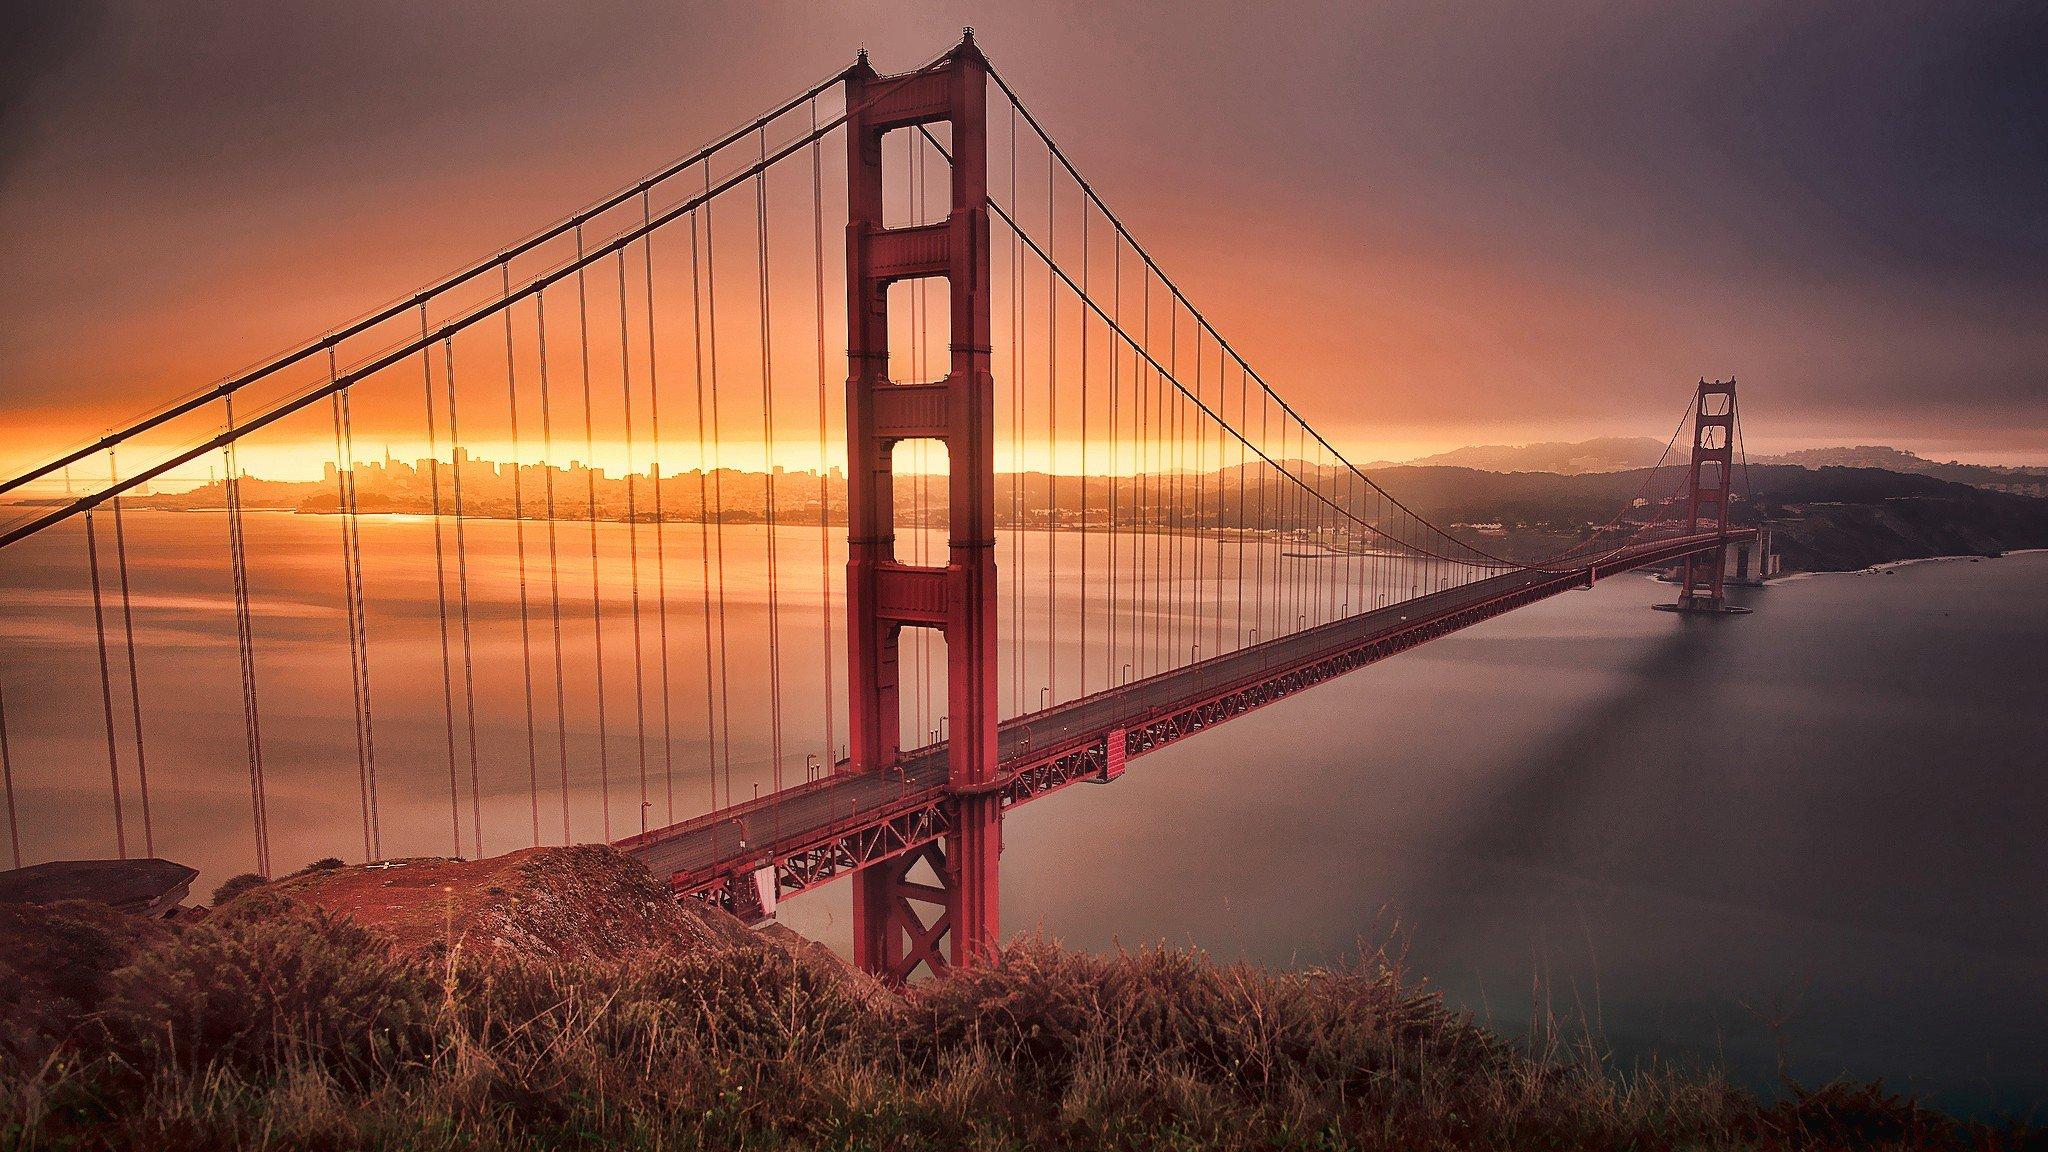 Sfondi 2048x1152 px golden gate bridge san francisco for Sfondi 2048x1152